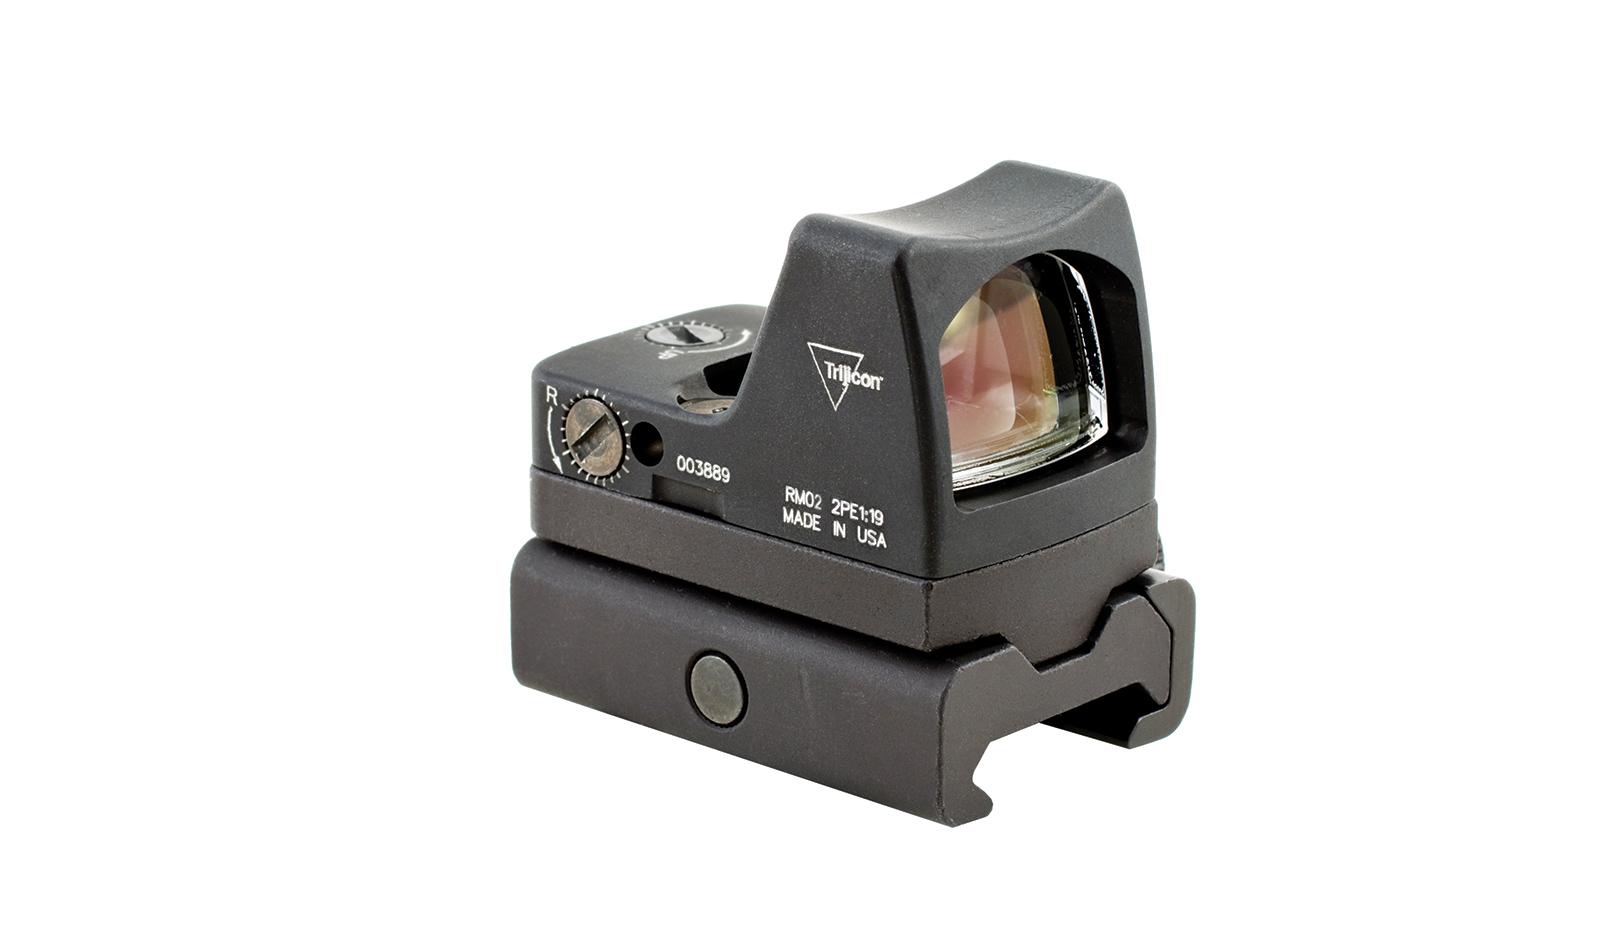 RM02-C-700610 angle 4